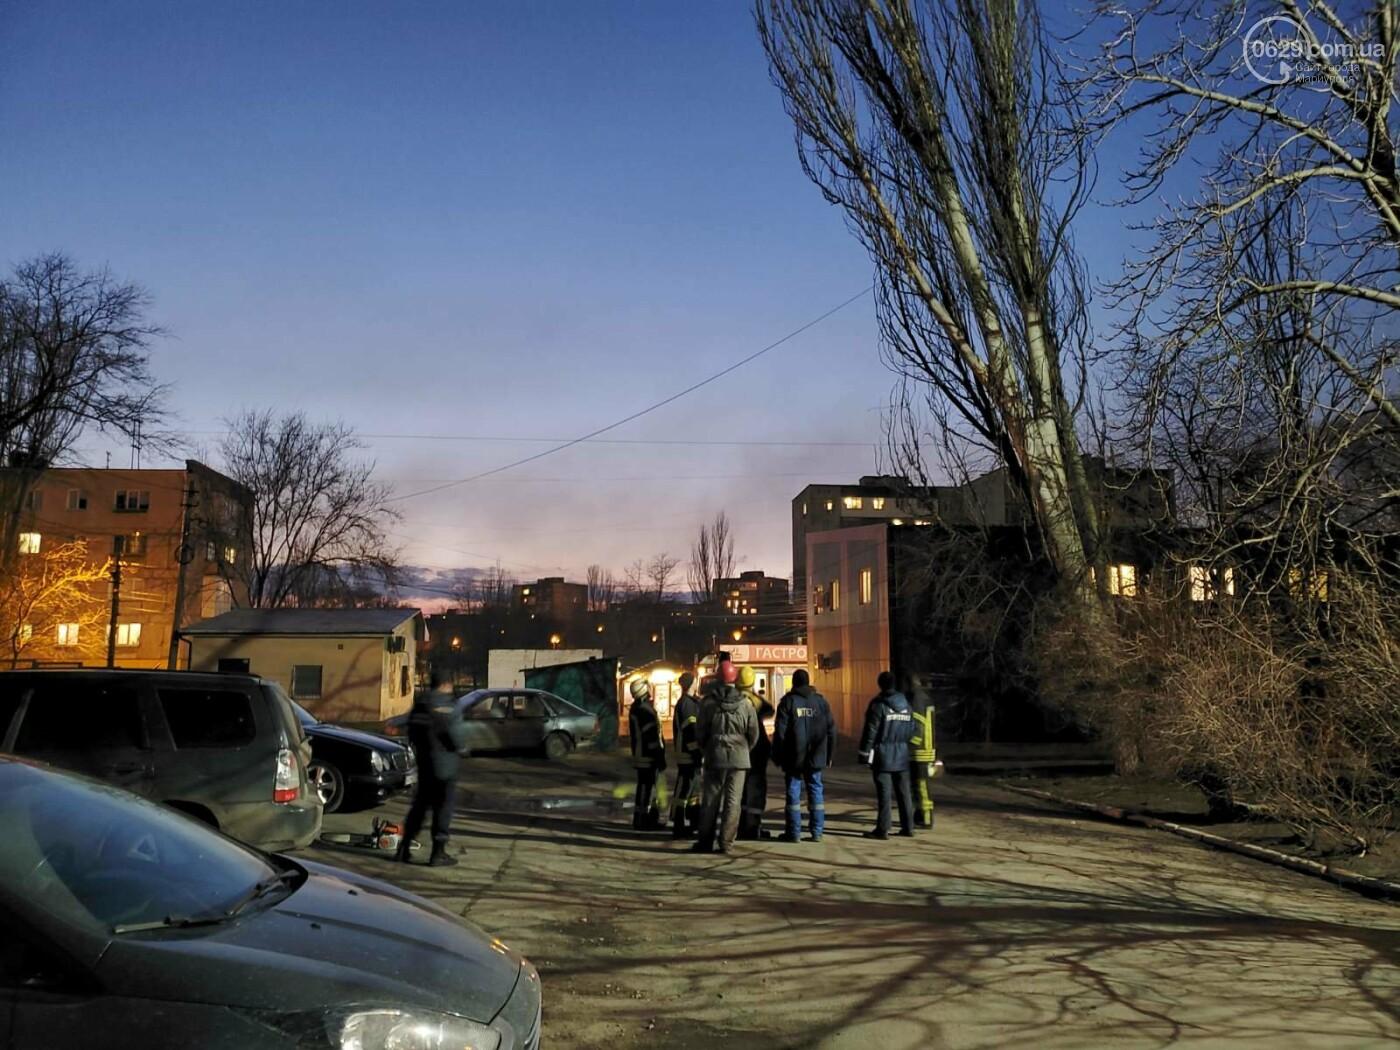 В Мариуполе спасатели убрали опасное дерево, - ФОТО, фото-2